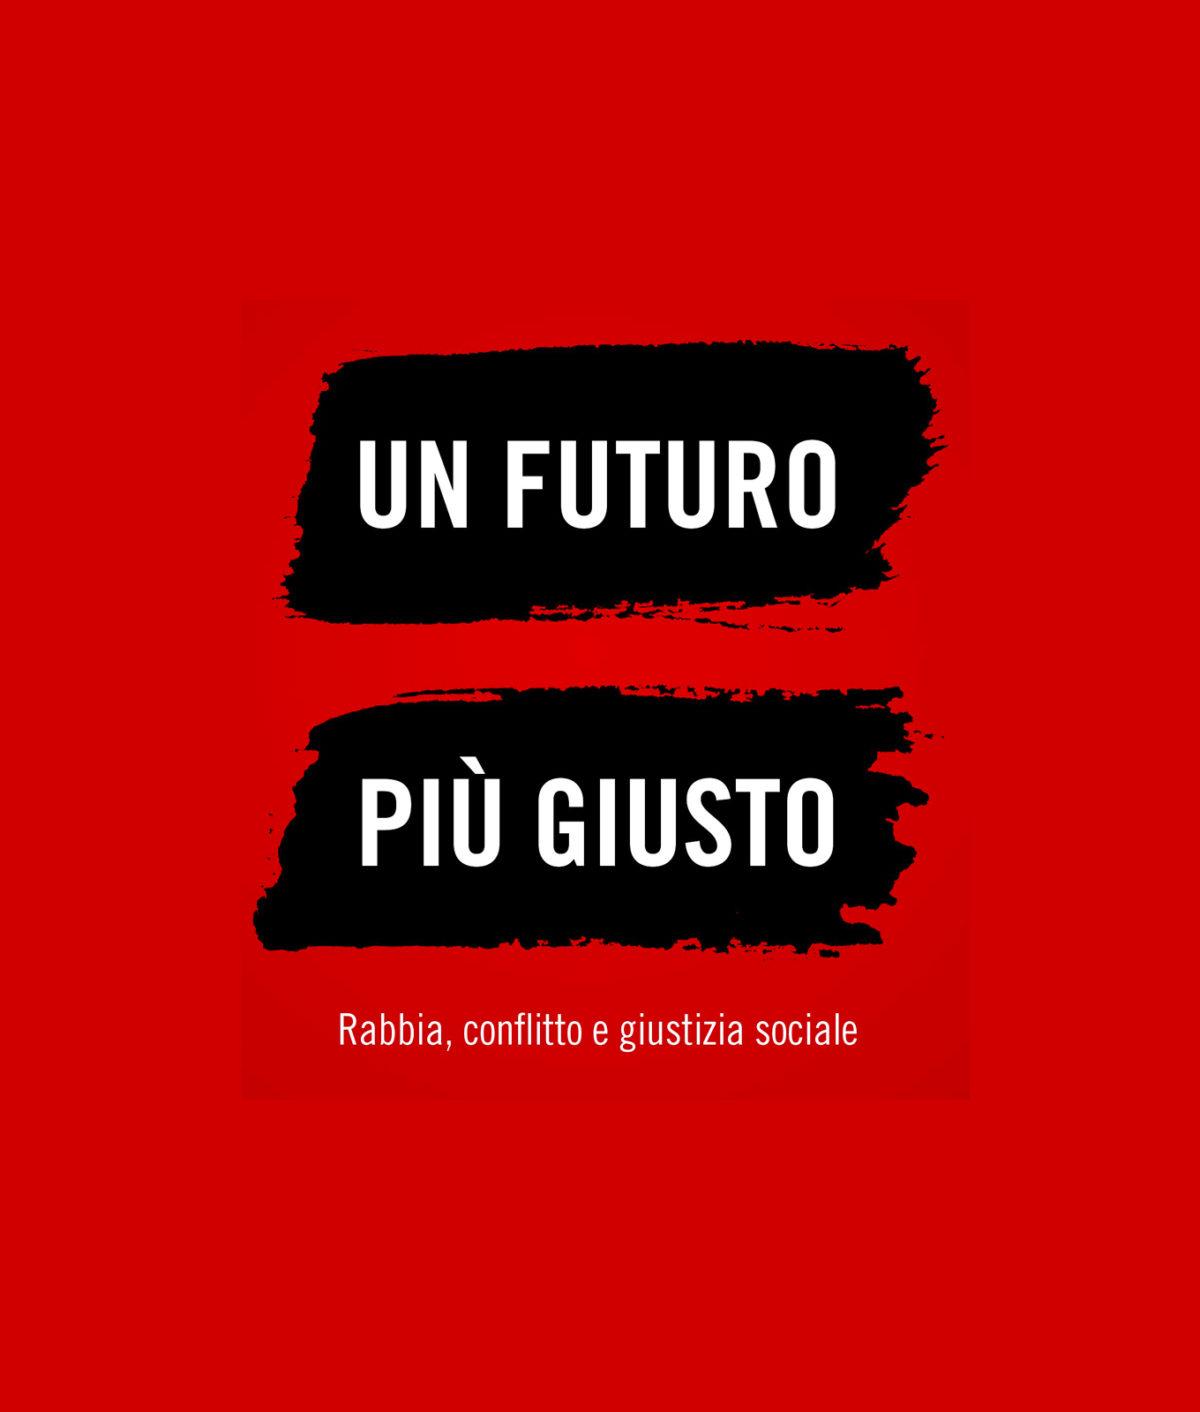 Per un futuro più giusto